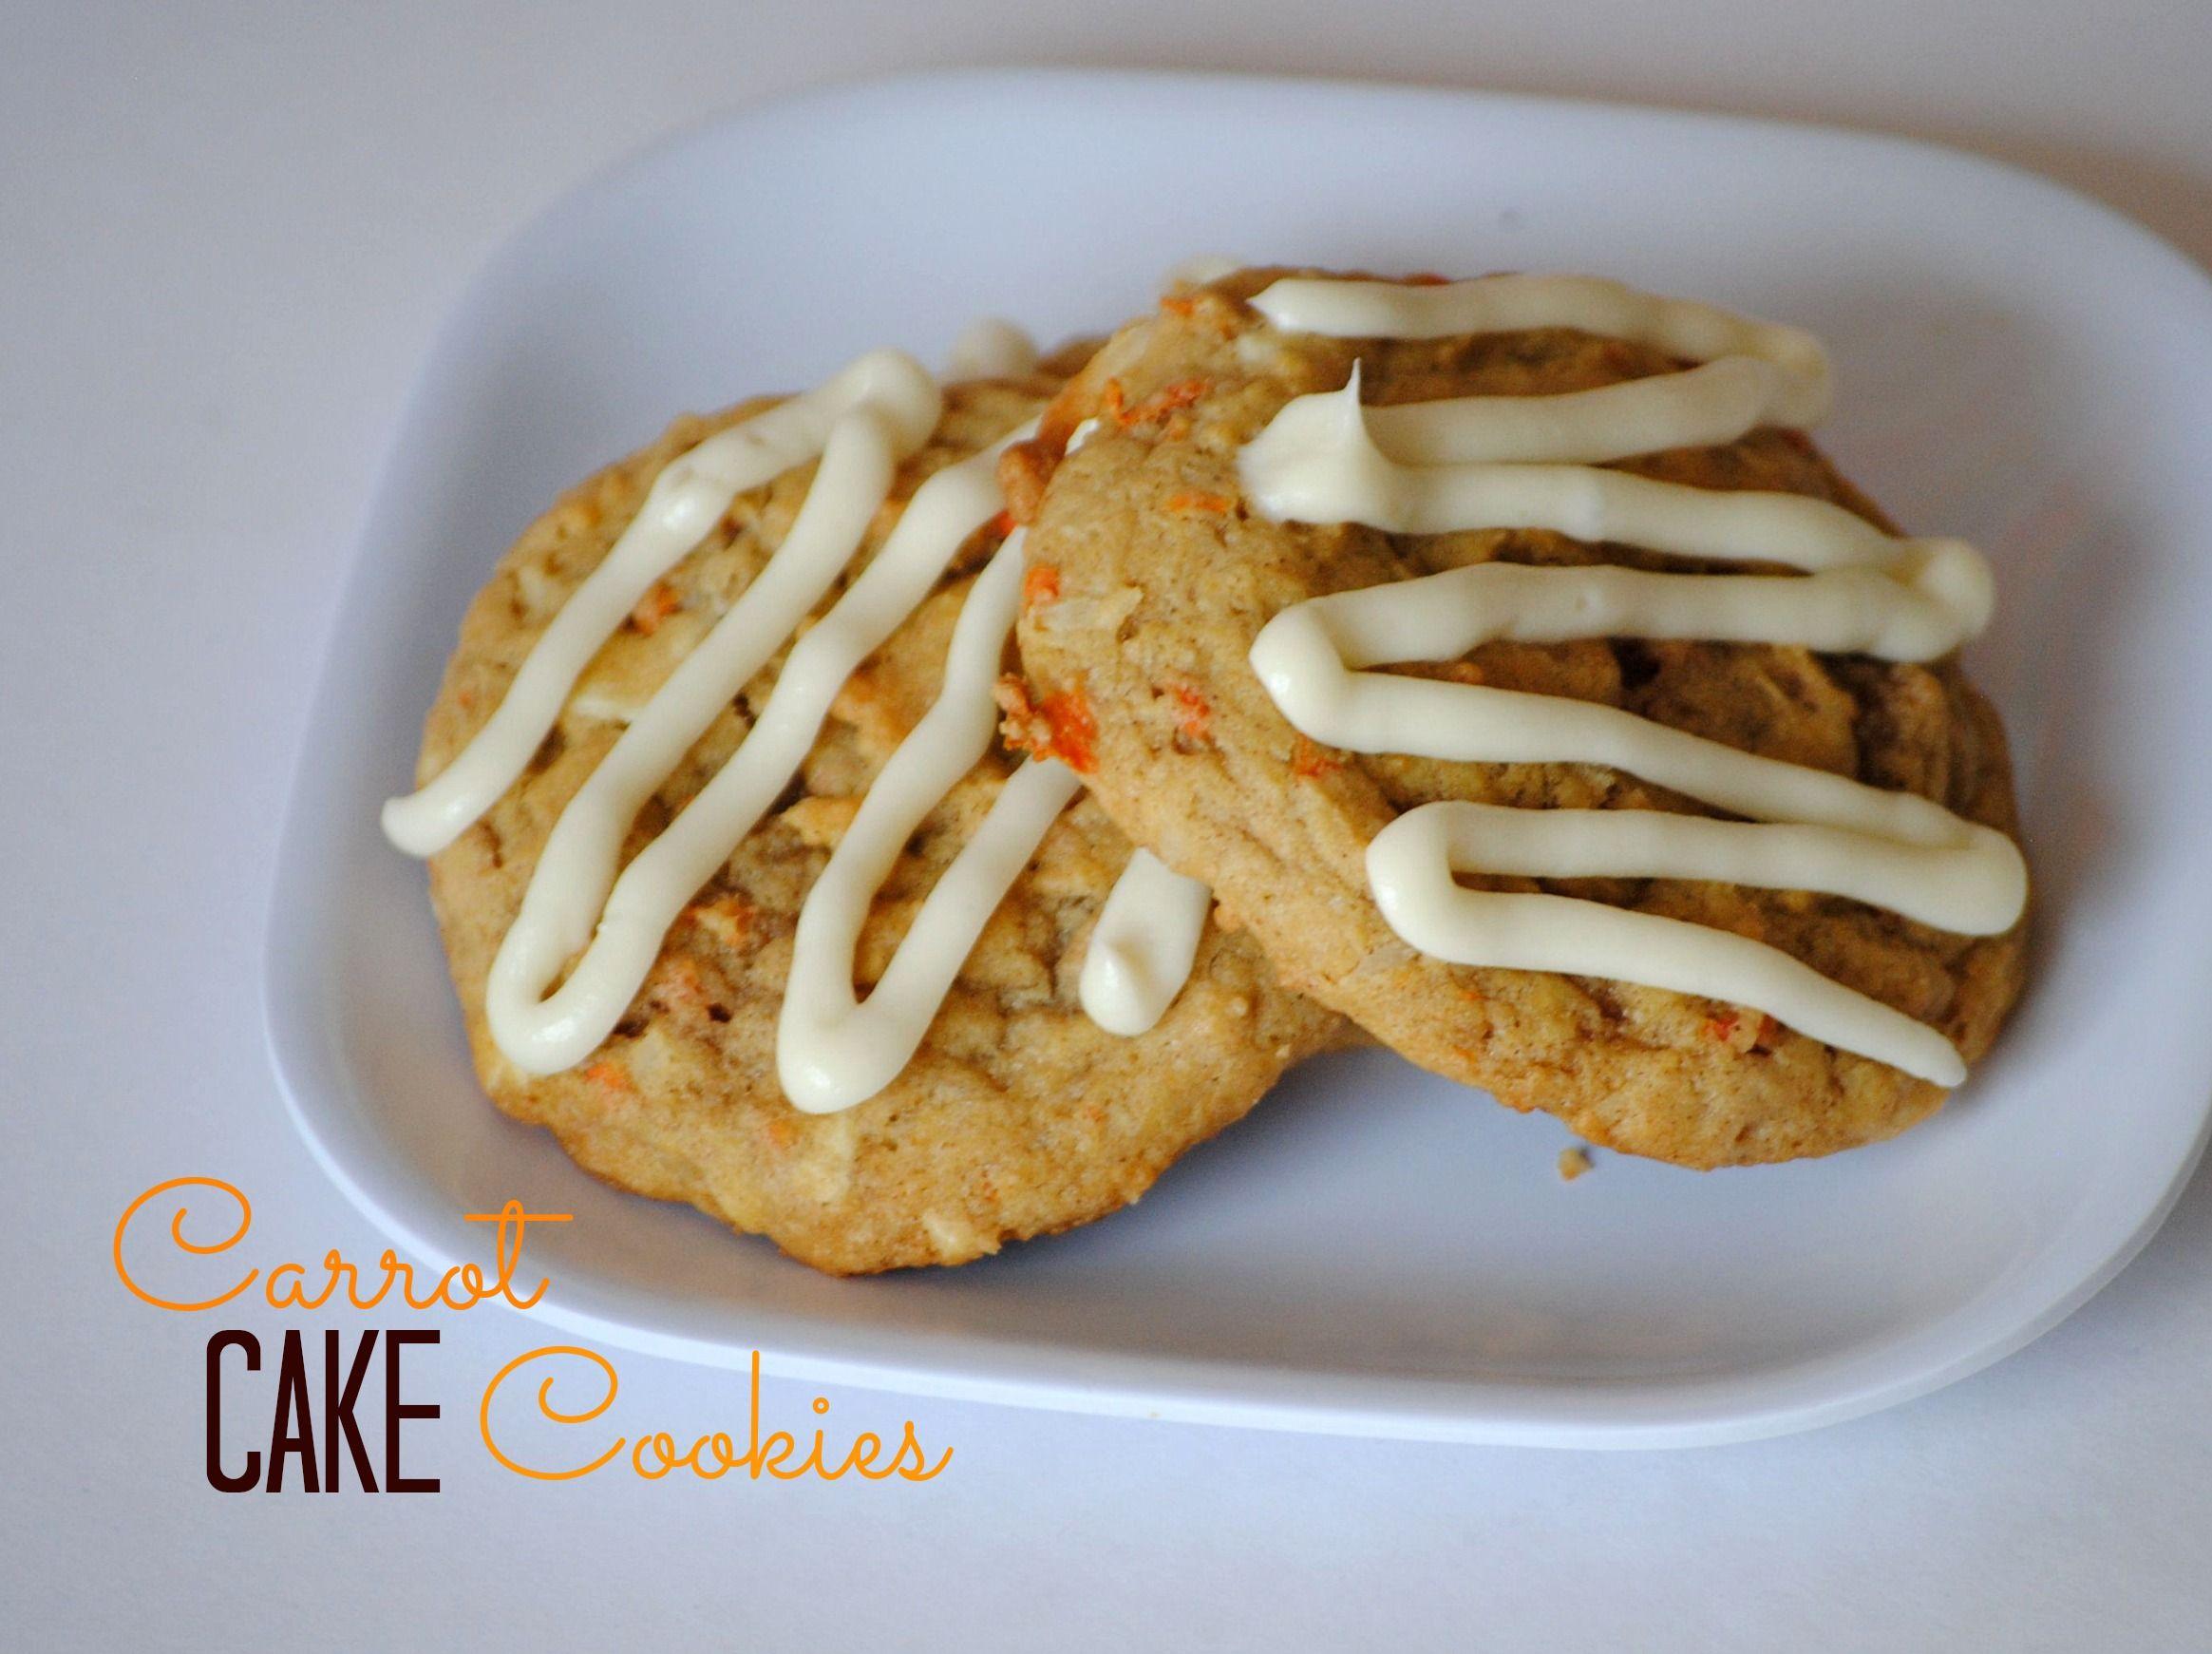 Carrot cake cookies recipe carrot cake cookies yummy